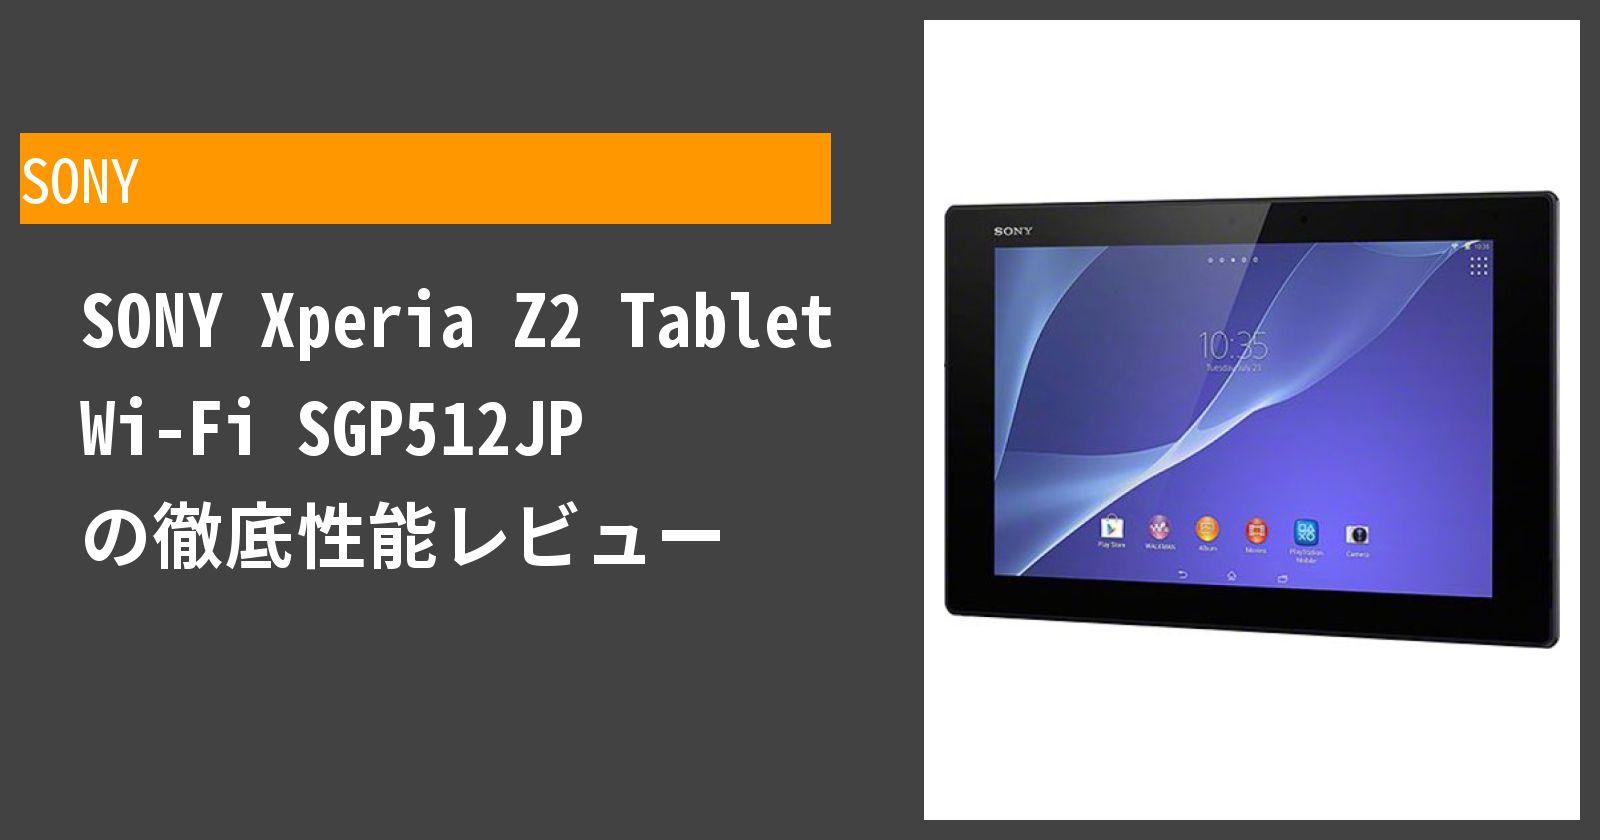 Xperia Z2 Tablet Wi-Fi SGP512JP の徹底性能レビュー